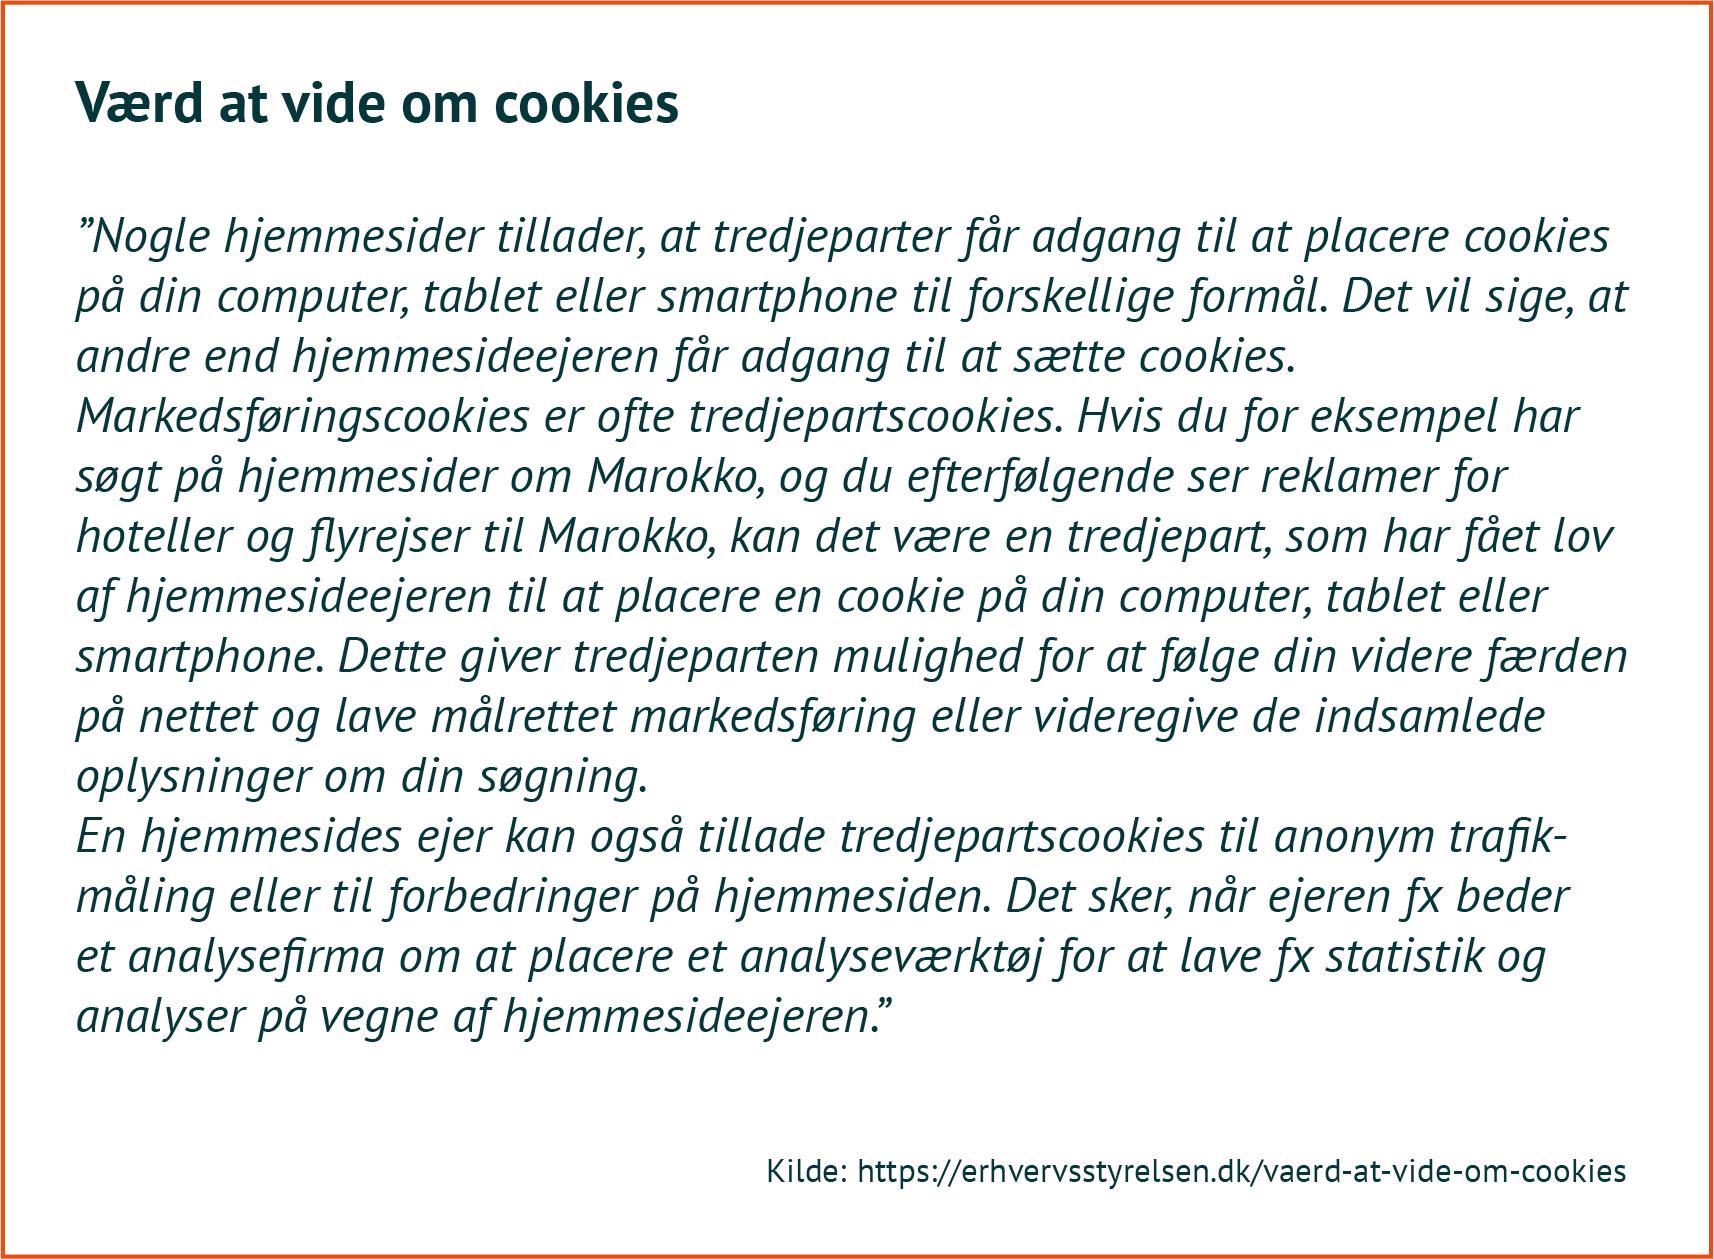 Værd_at_vide_om_cookies